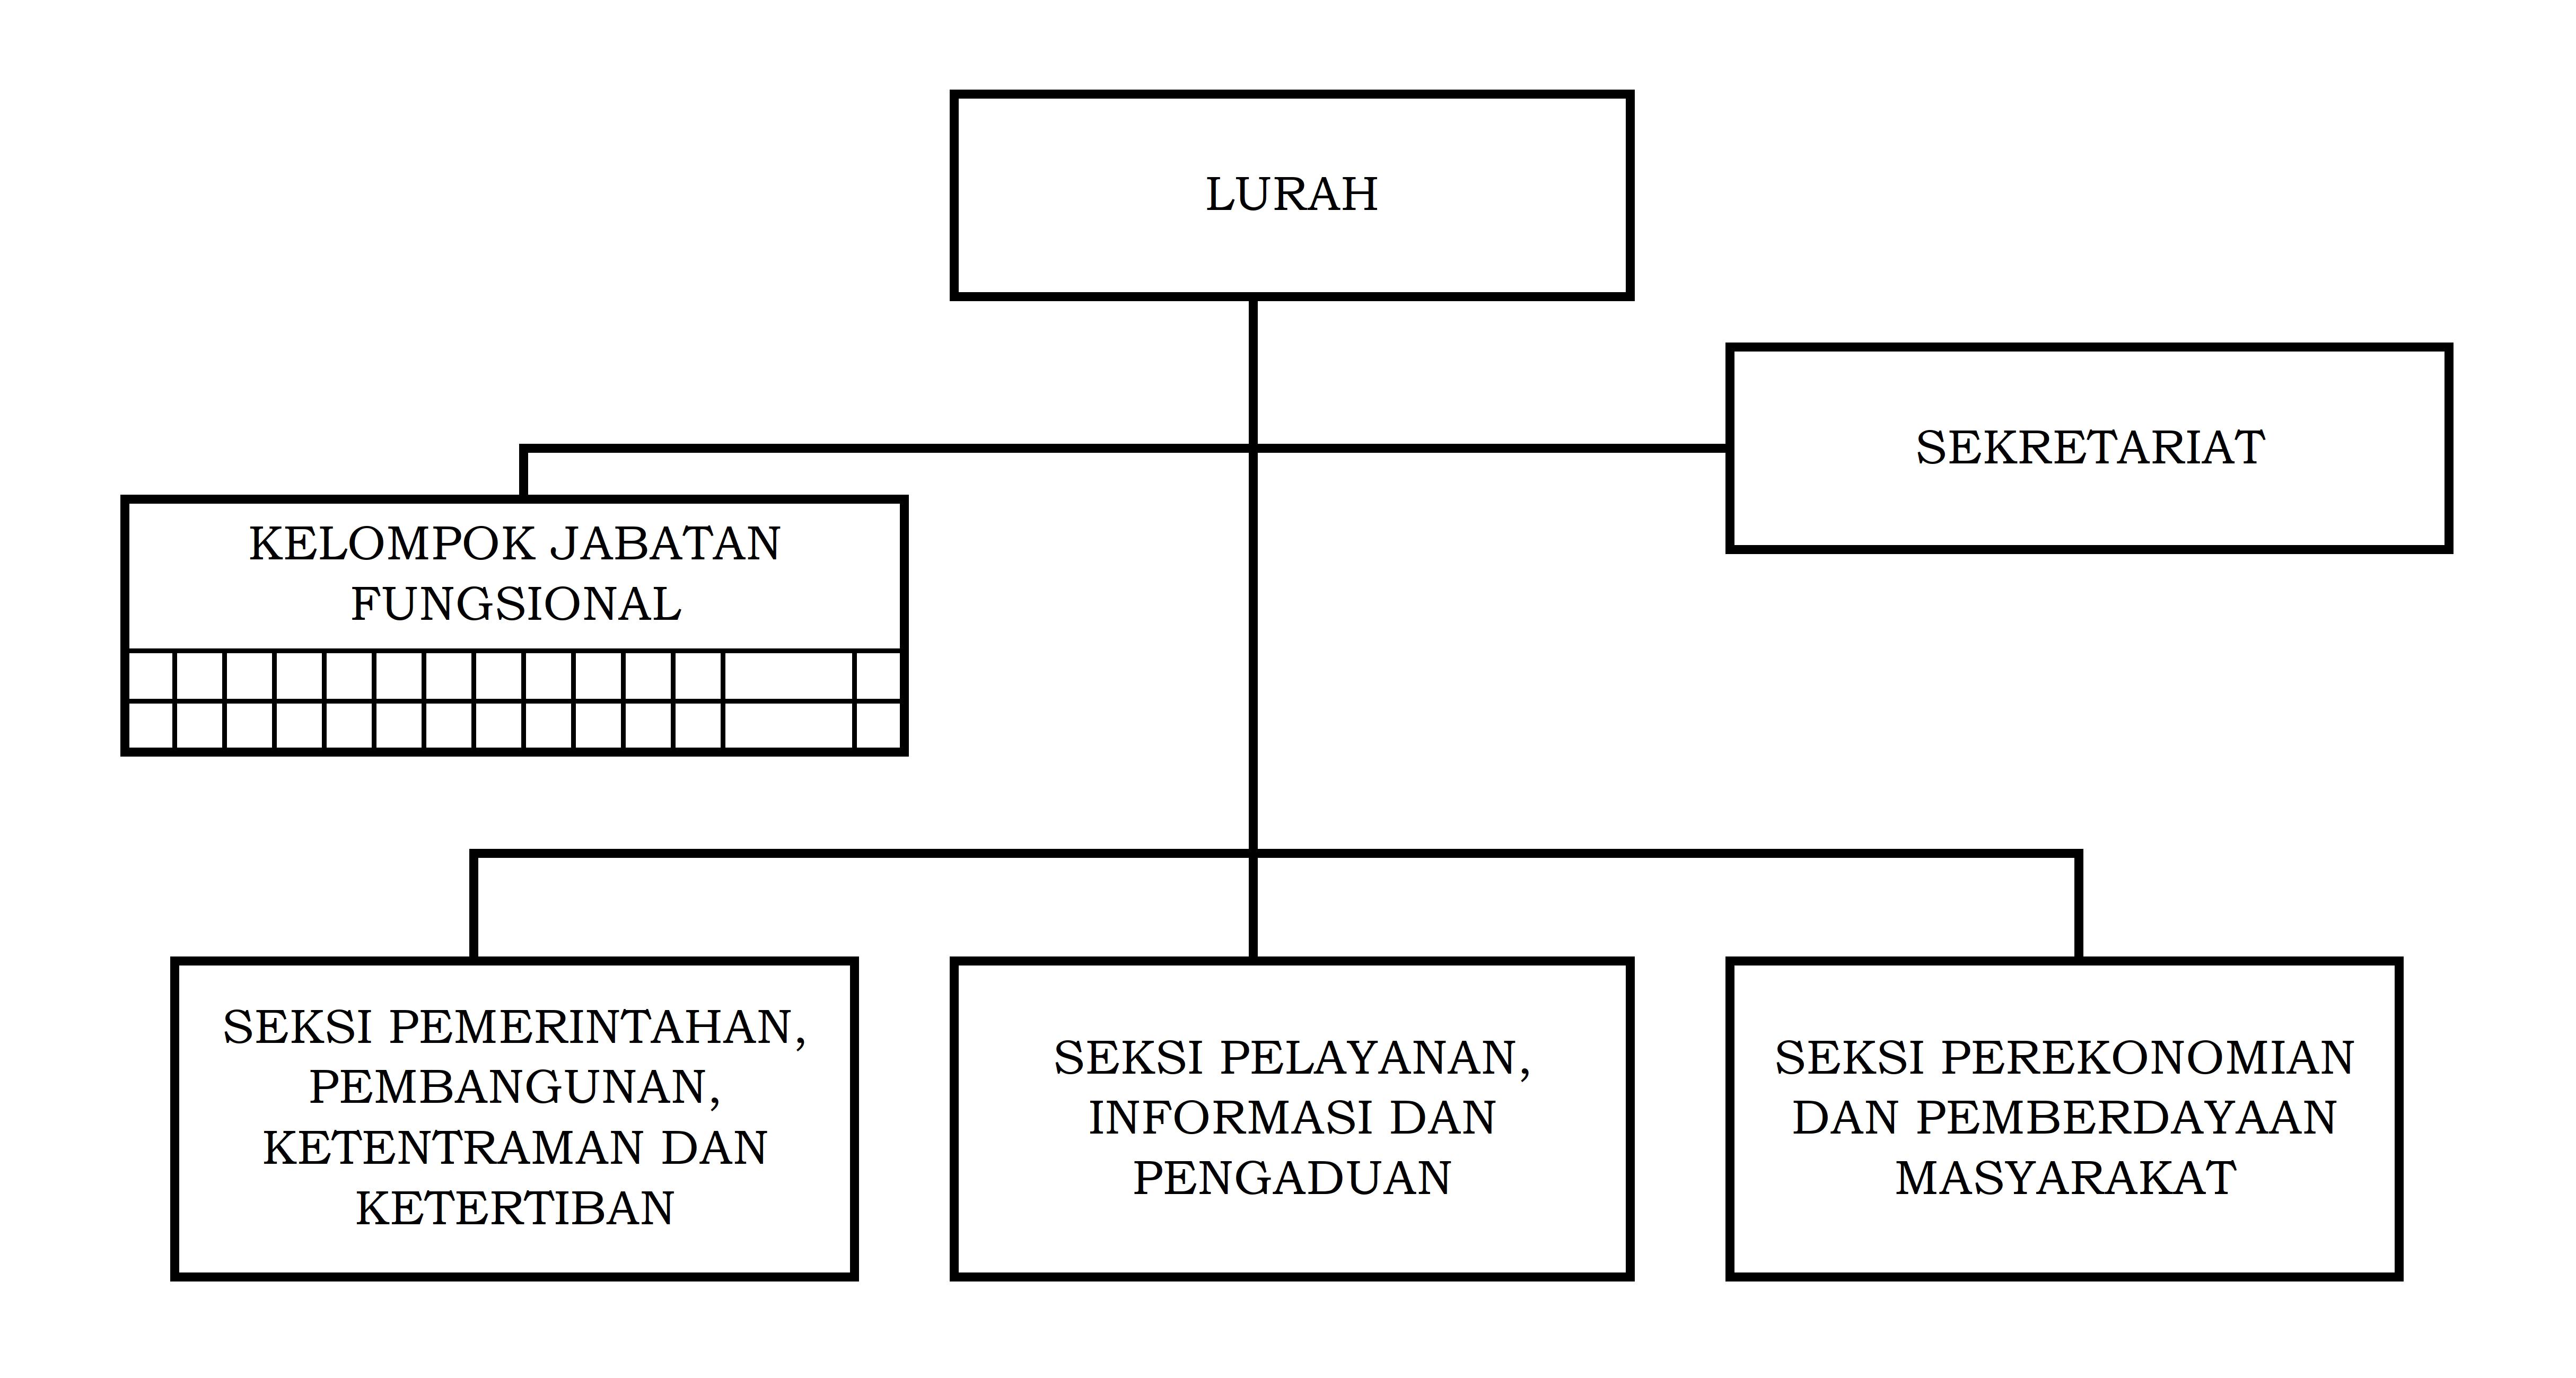 StrukturOrganisasi